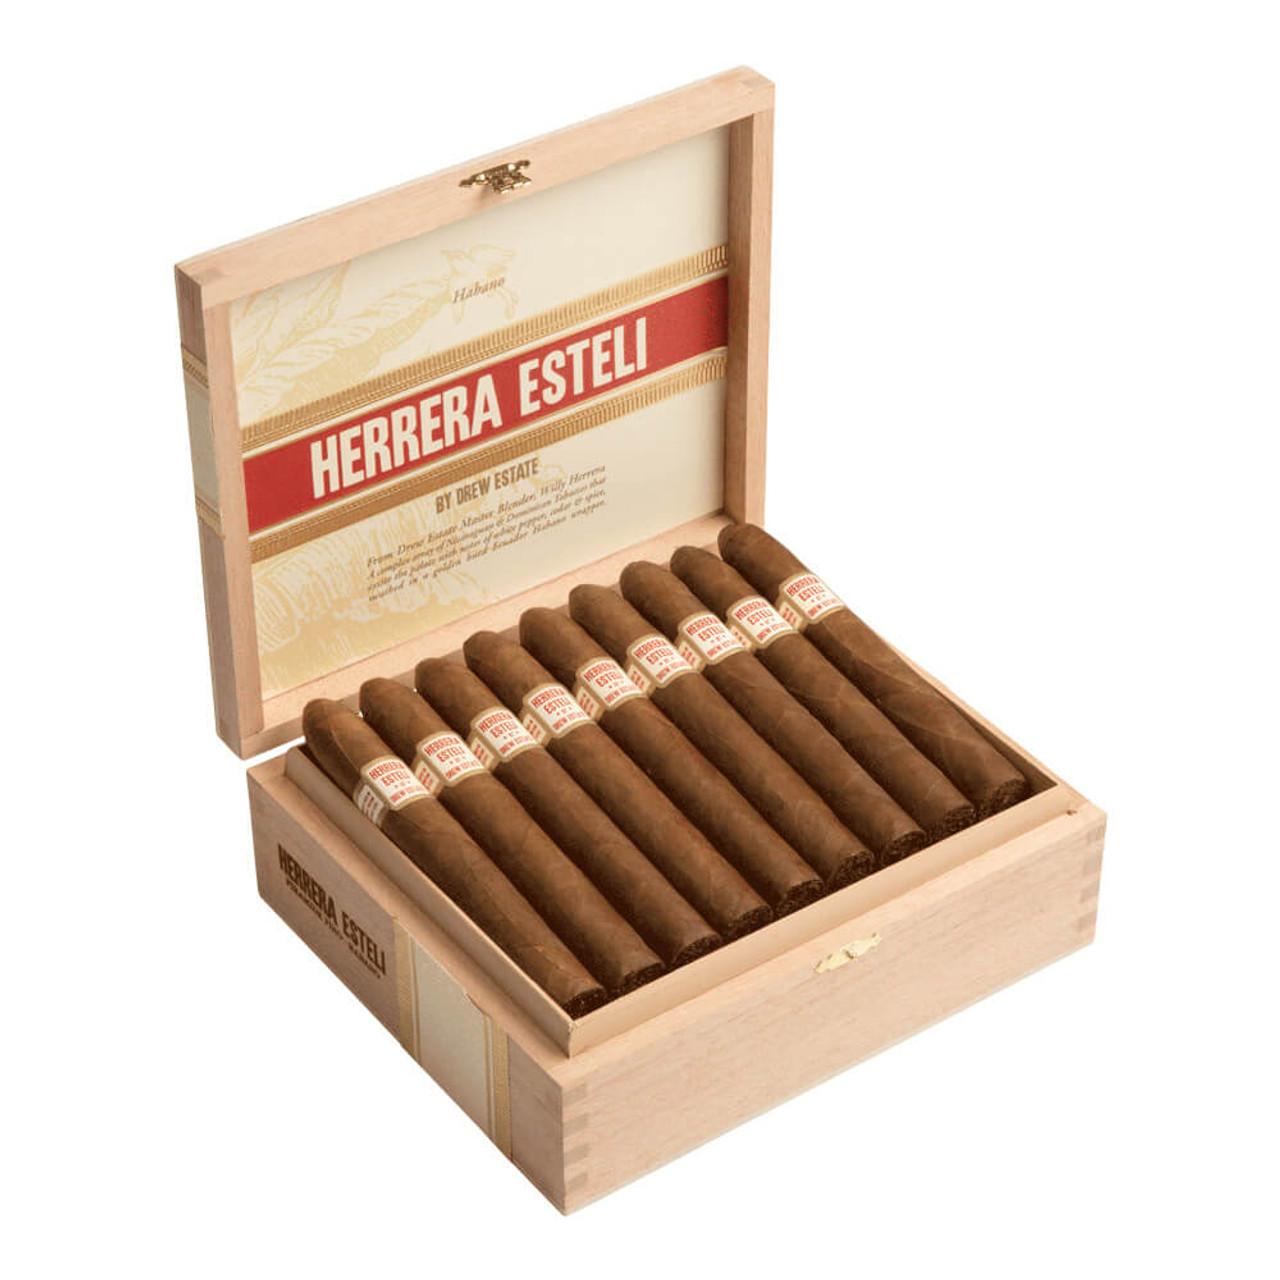 Herrera Esteli Habano Lonsdale Deluxe Cigars - 6 x 44 (Box of 25)